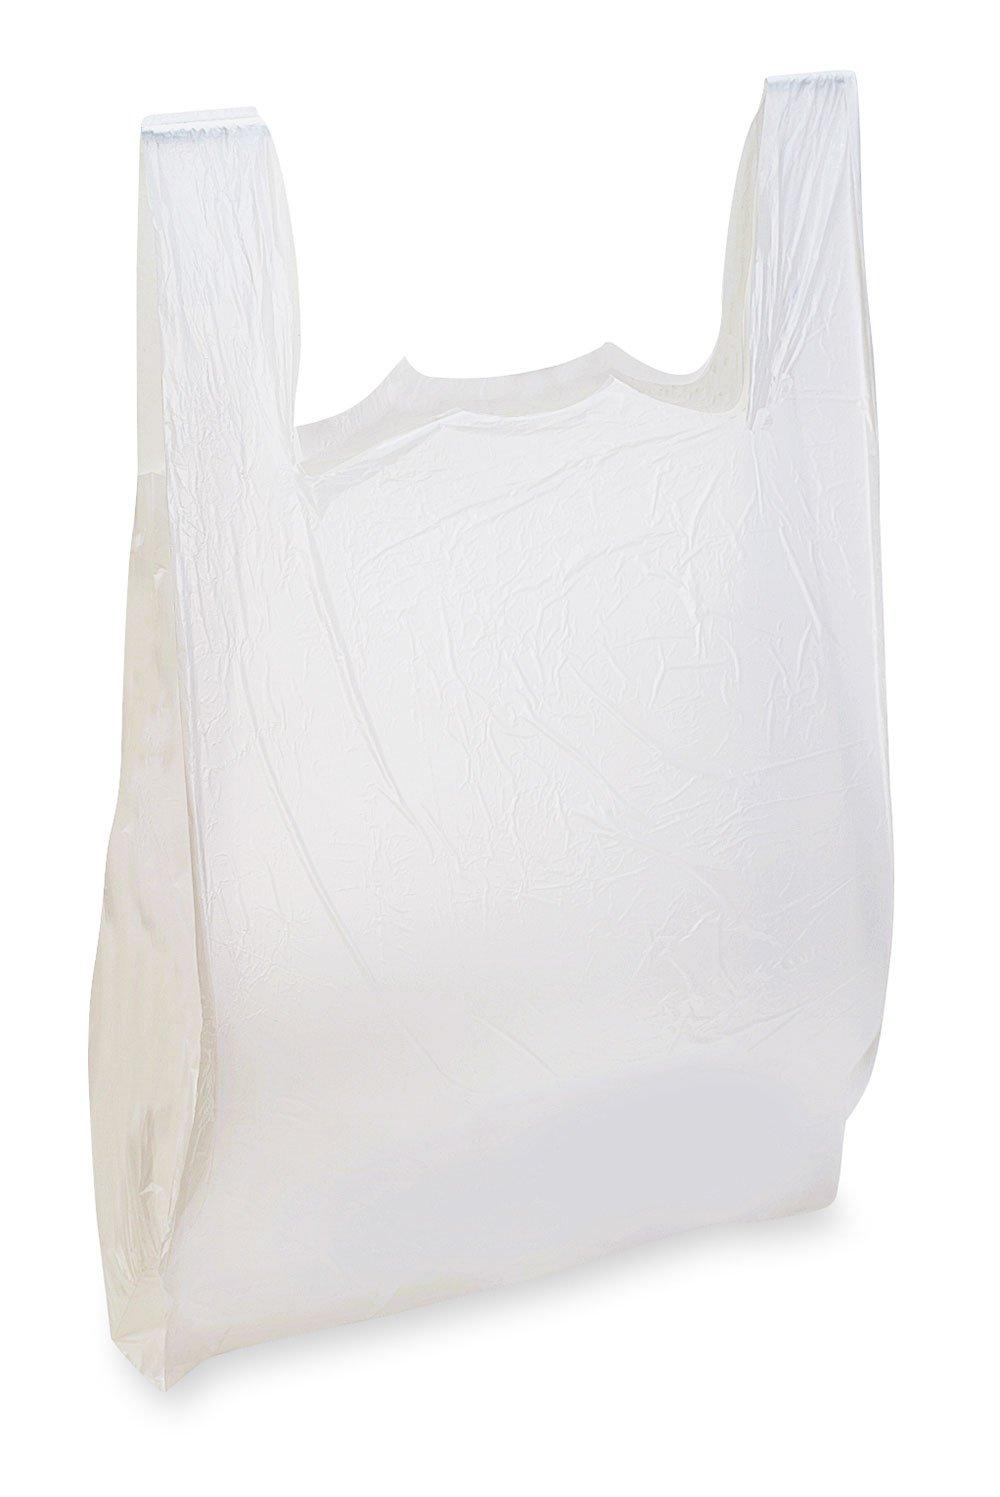 T-shirt Bags LDPE 24 mic. - (11 + 7) x 22 (1000/cs)